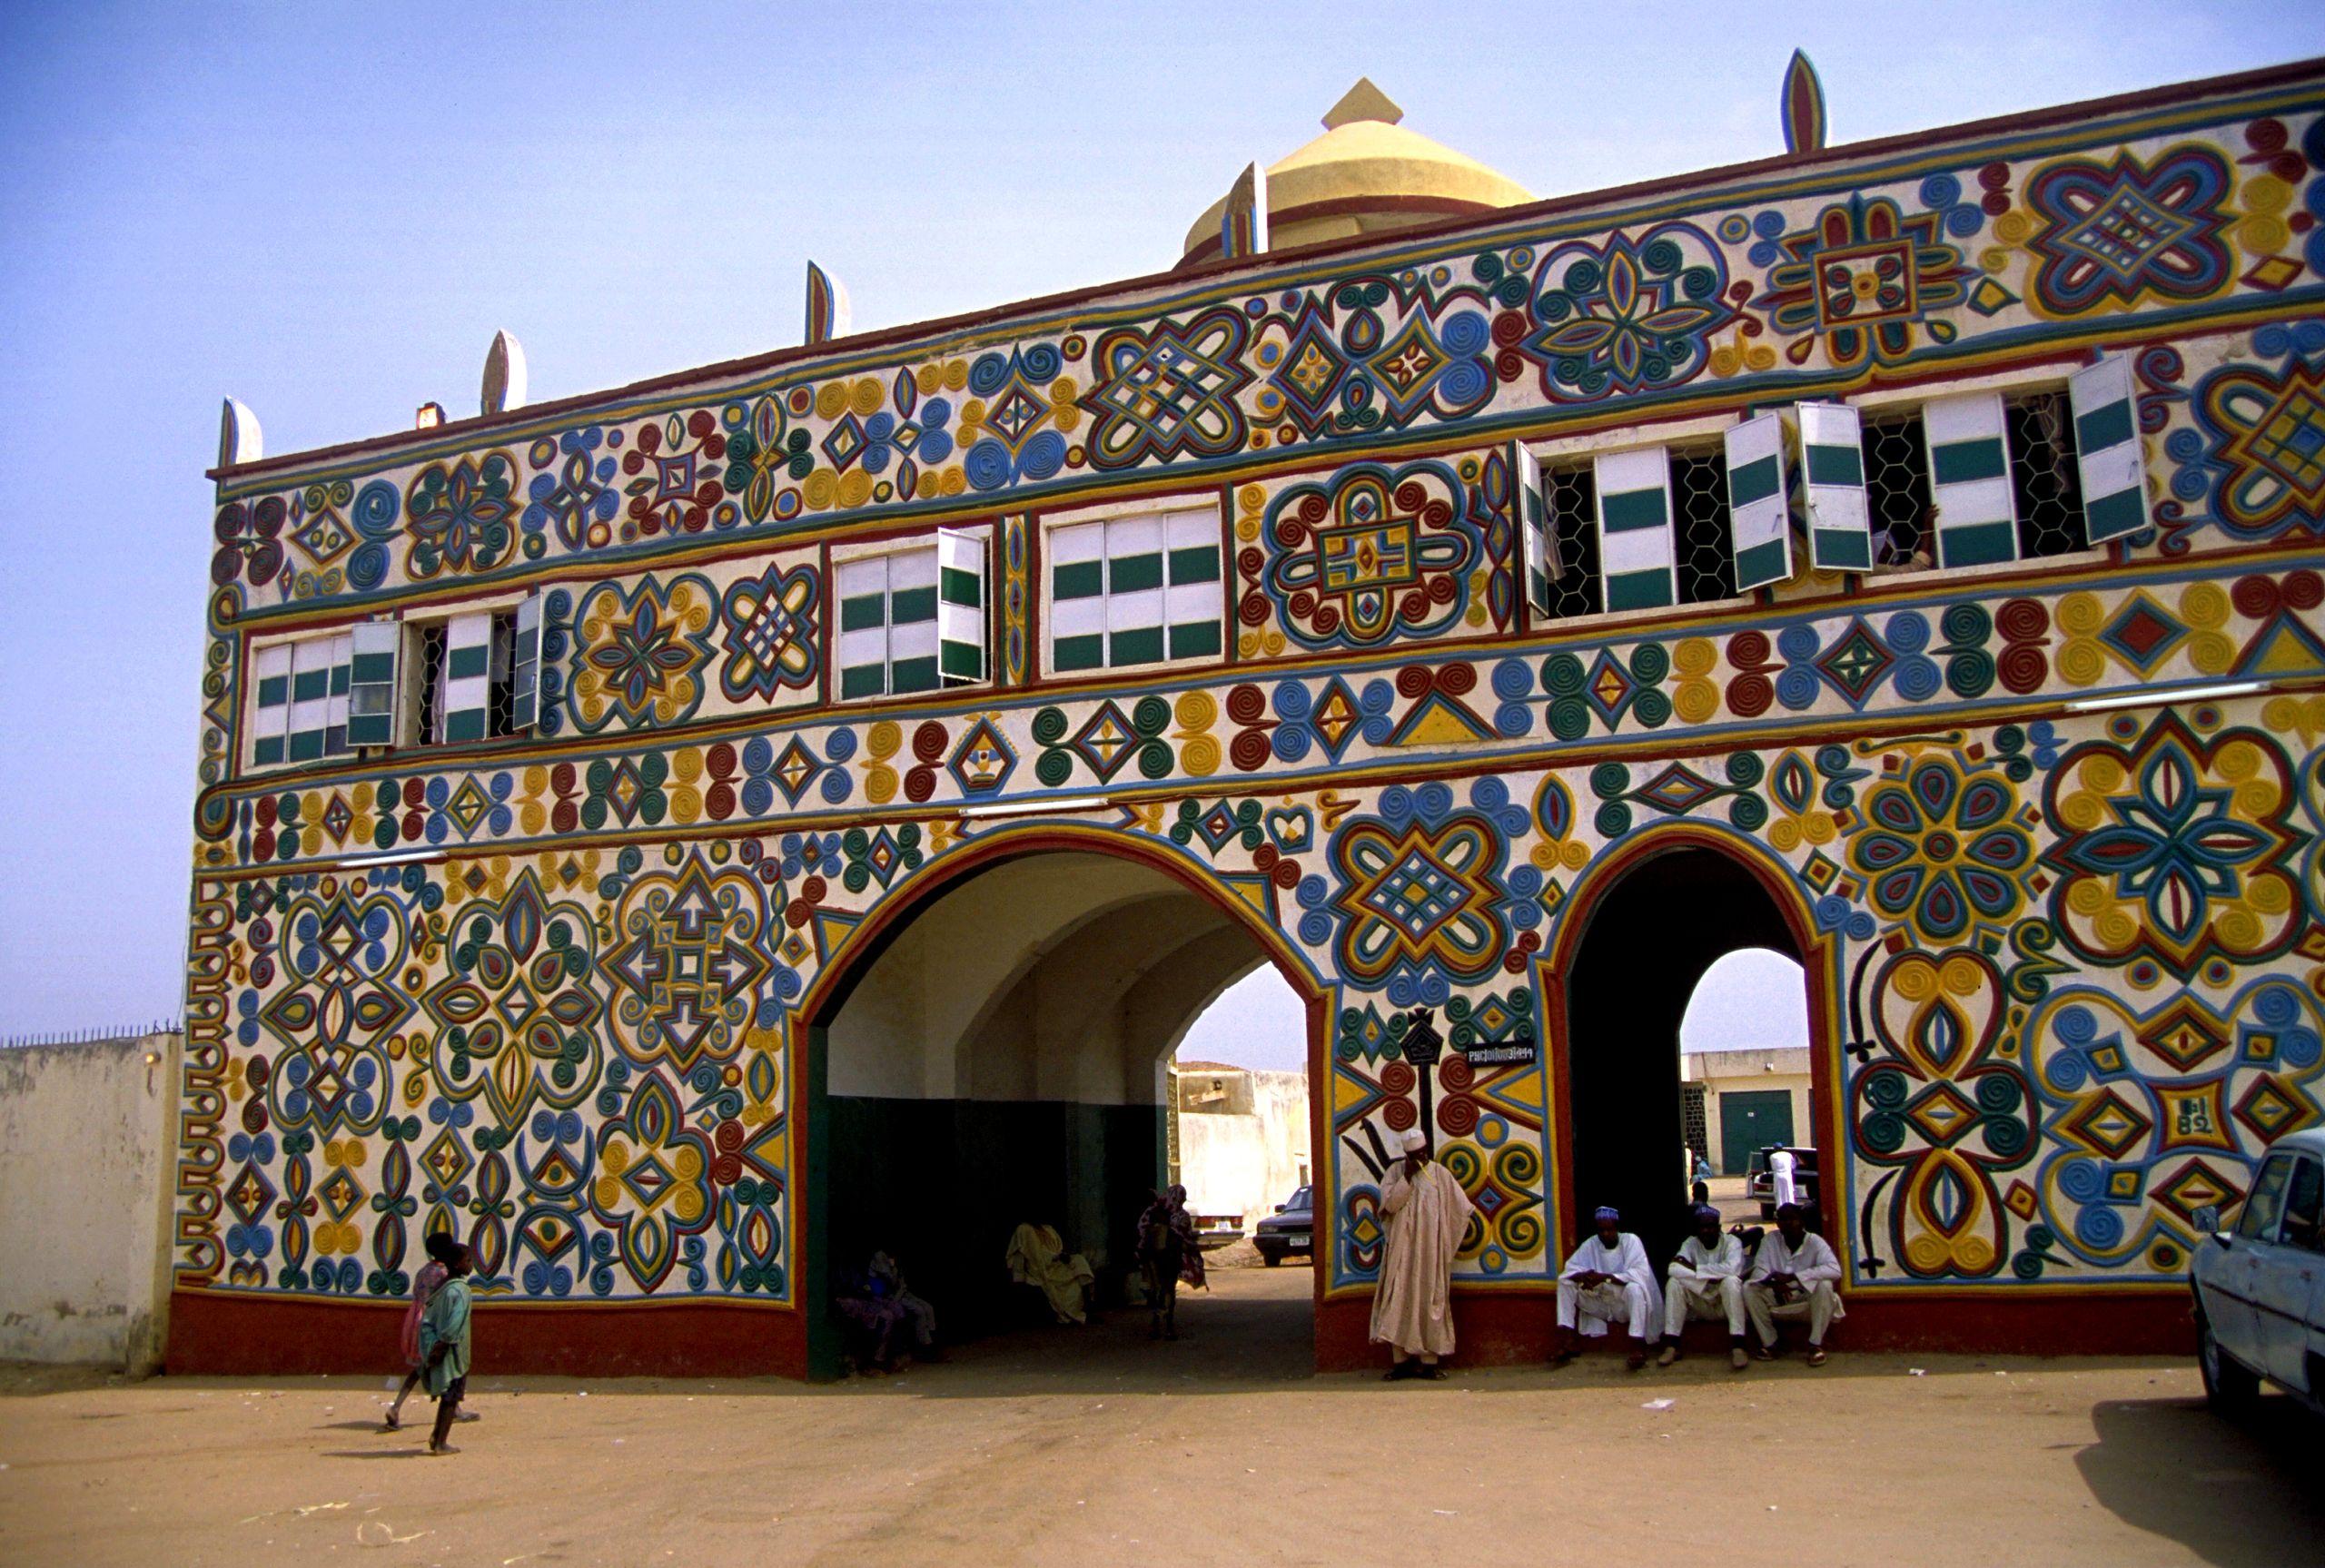 Zazzau Emirate